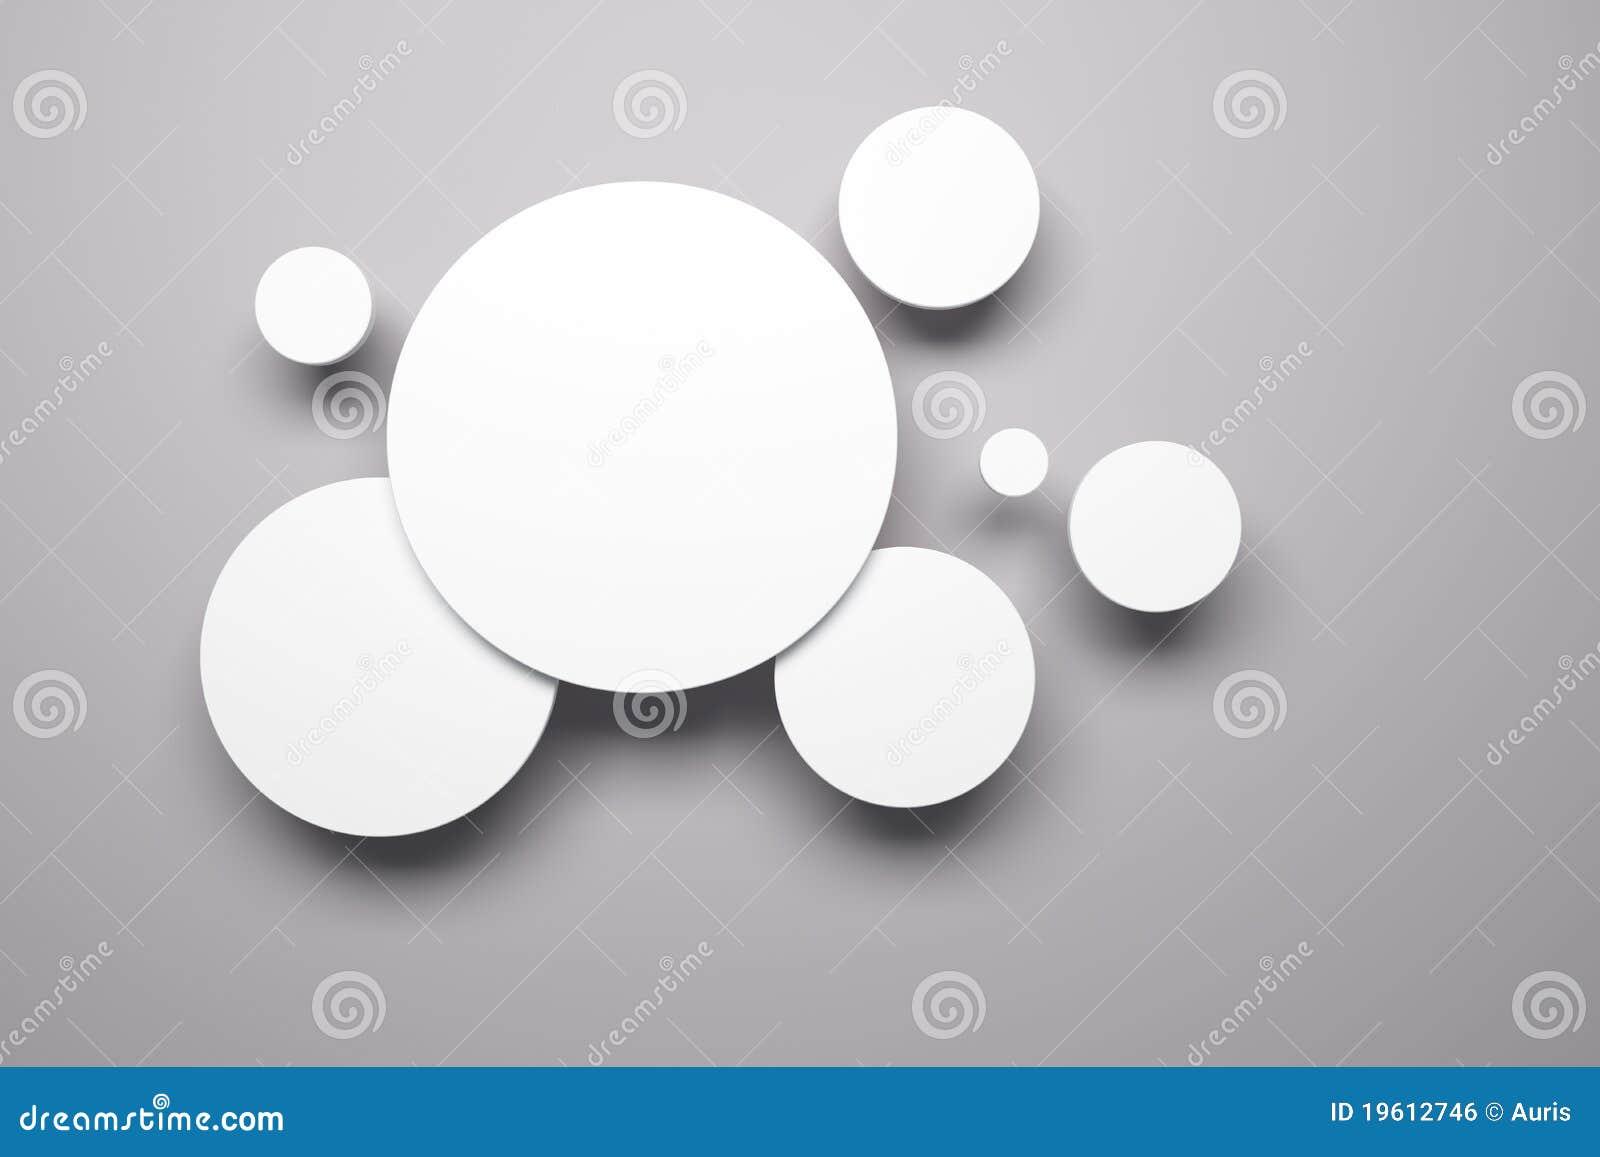 Illustrations blanc sur le mur